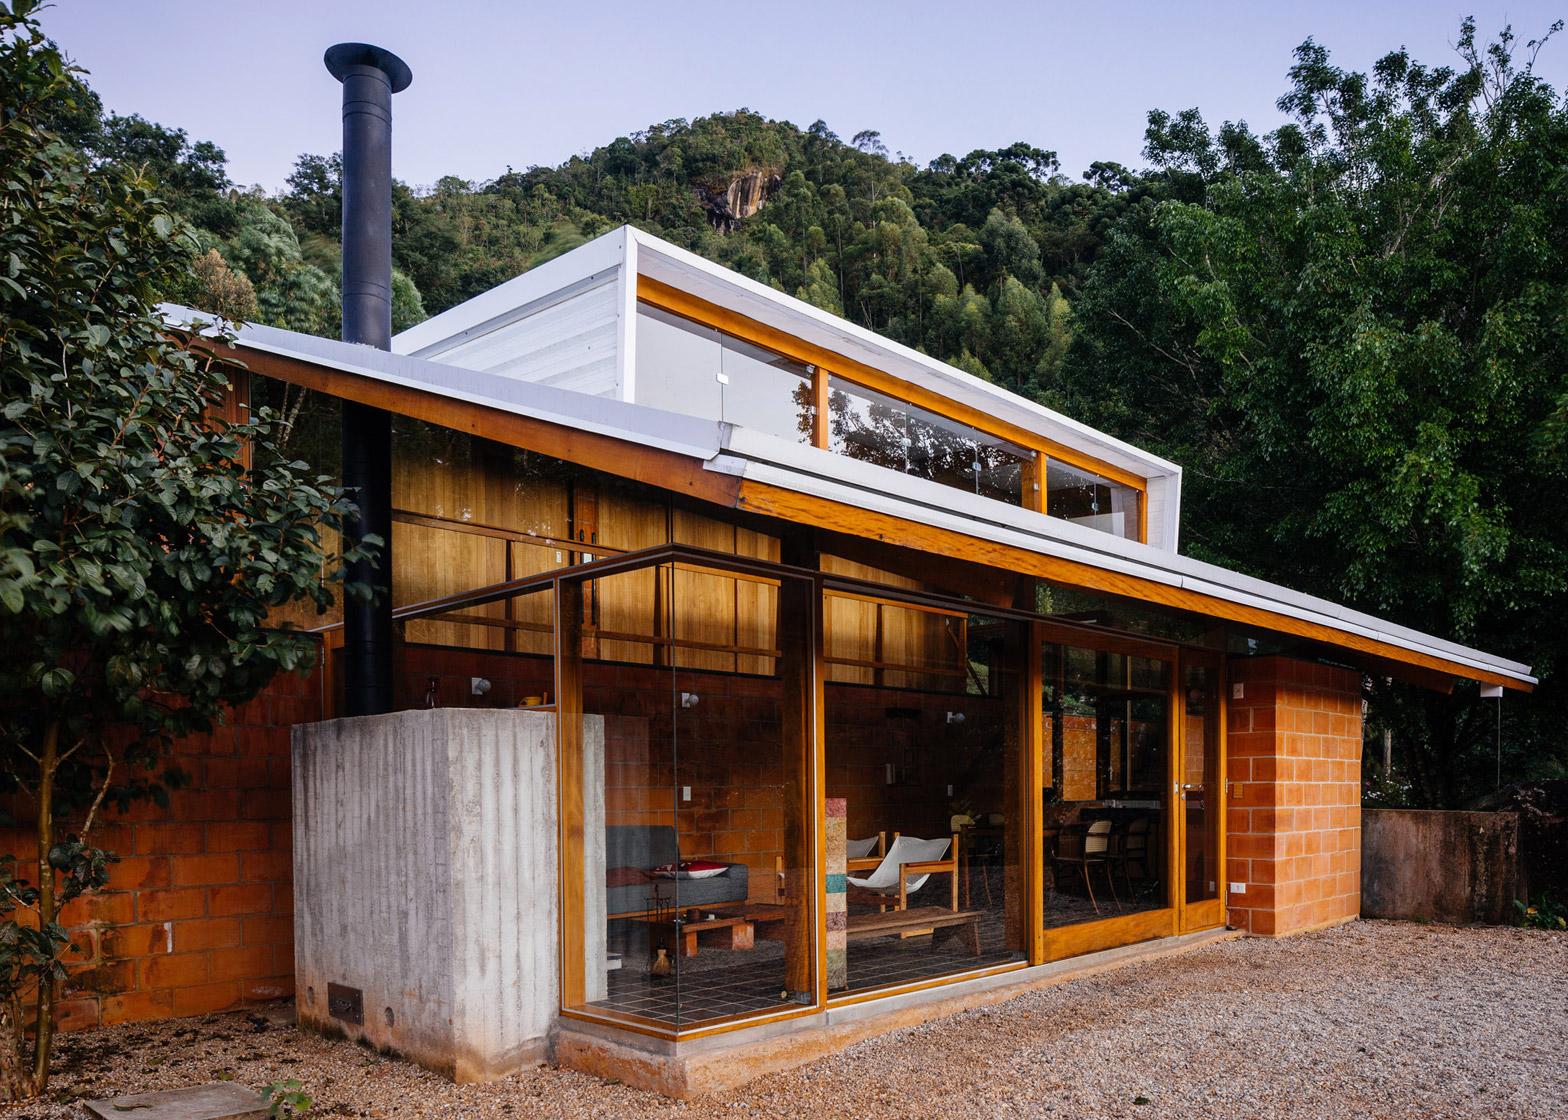 Brazilian Houses Half Slope House Steps Into A Hillside In Rural Brazil